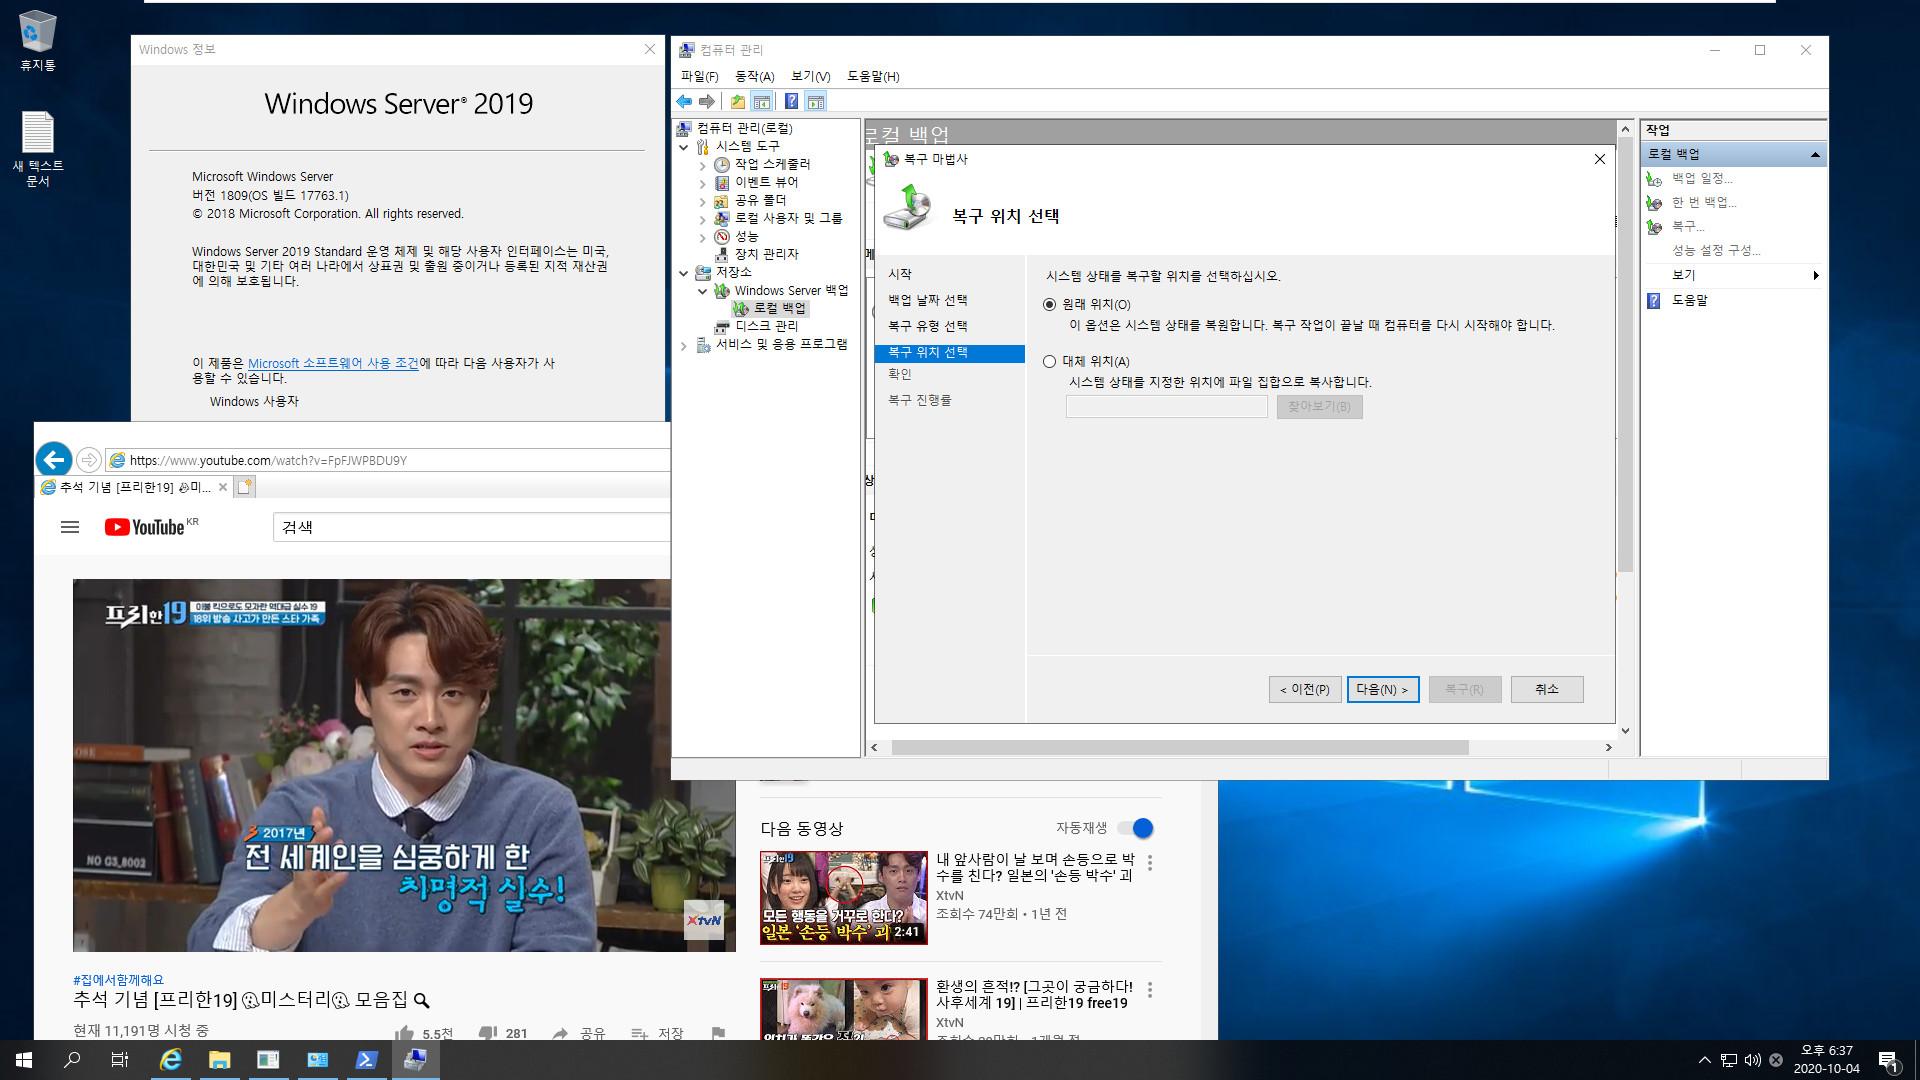 윈도우 서버군은 윈도우 사용중에도 자체 WBadmin 명령으로 윈도우 복구를 합니다 - Windows Server 2019로 복구 테스트 2020-10-04_183715.jpg